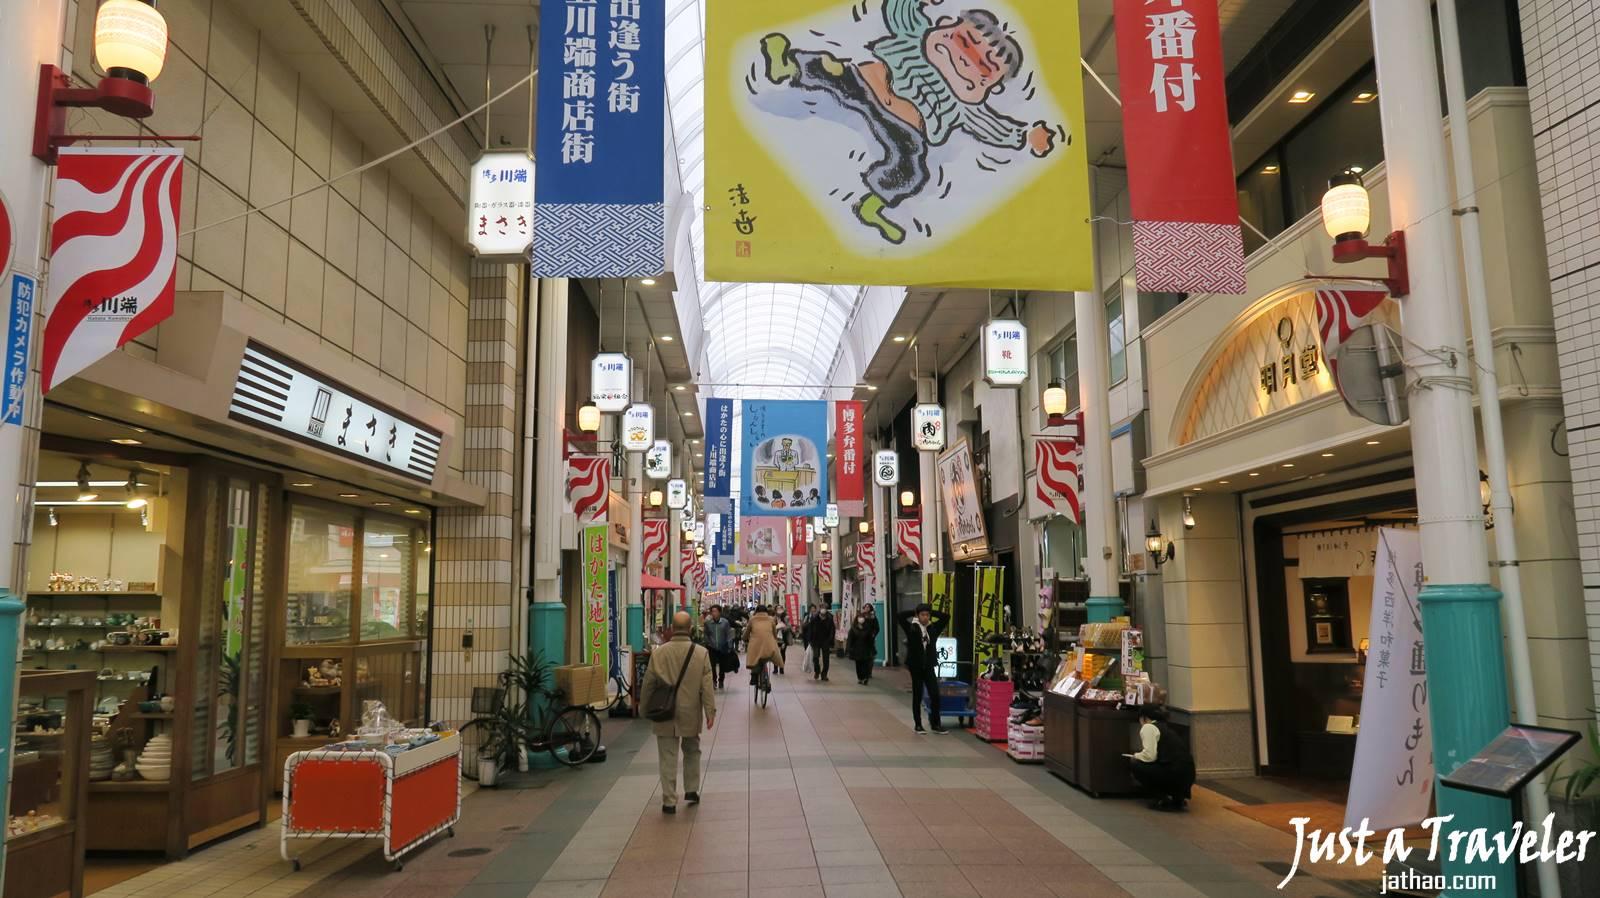 福岡-景點-推薦-川端商店街-福岡好玩景點-福岡必玩景點-福岡必去景點-福岡自由行景點-攻略-市區-郊區-旅遊-行程-Fukuoka-Tourist-Attraction